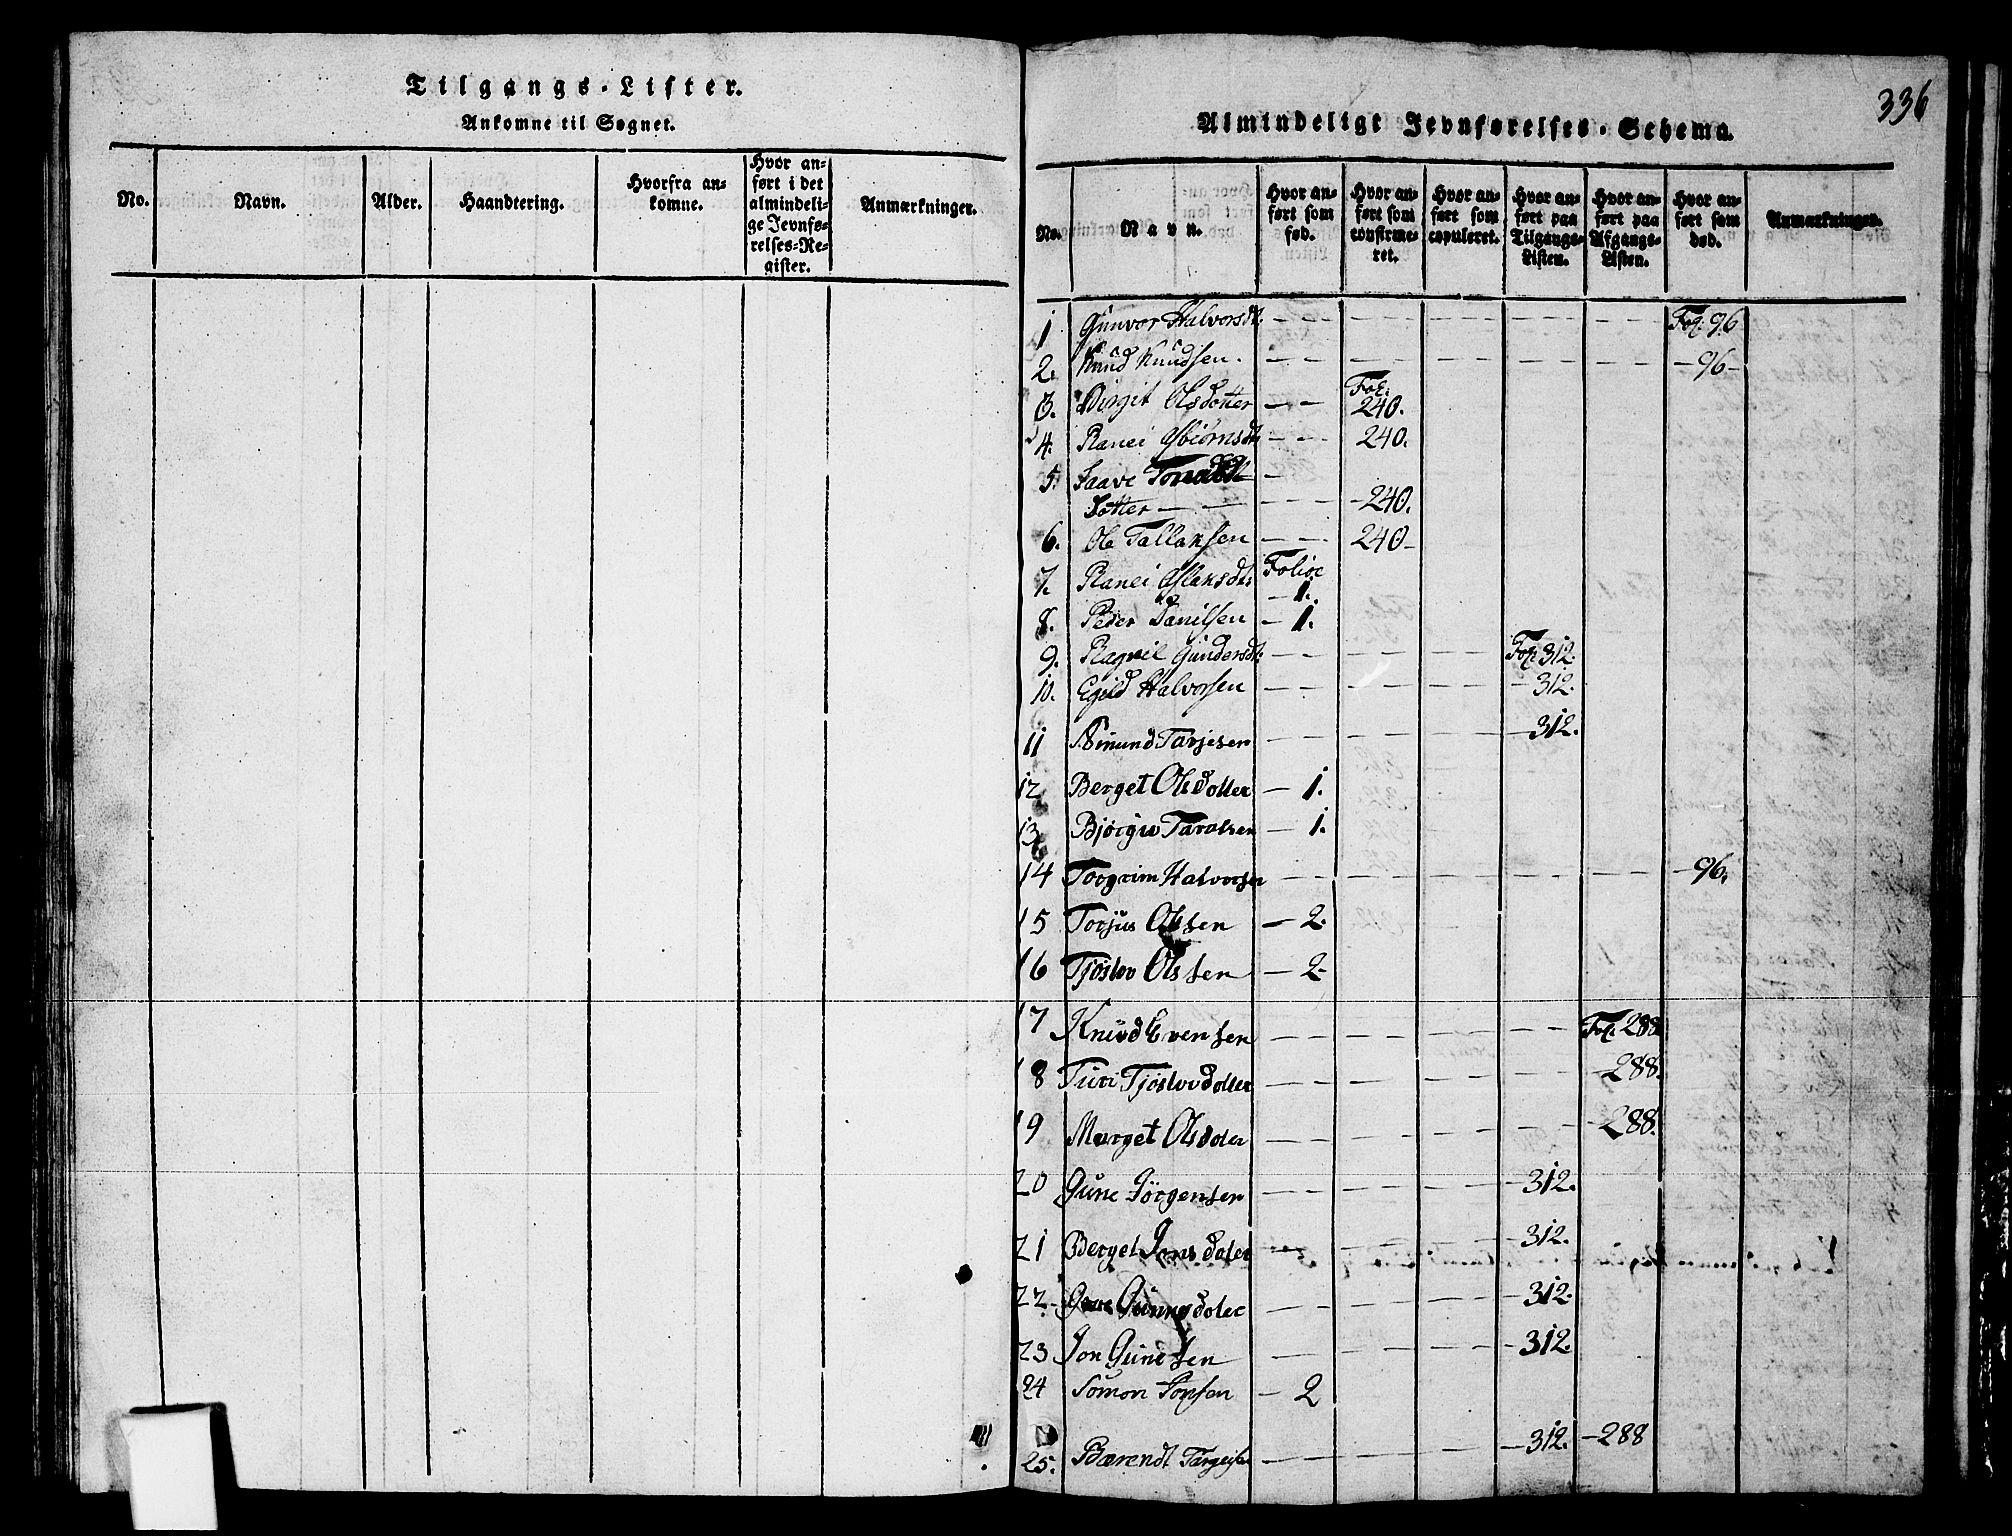 SAKO, Fyresdal kirkebøker, G/Ga/L0003: Klokkerbok nr. I 3, 1815-1863, s. 336